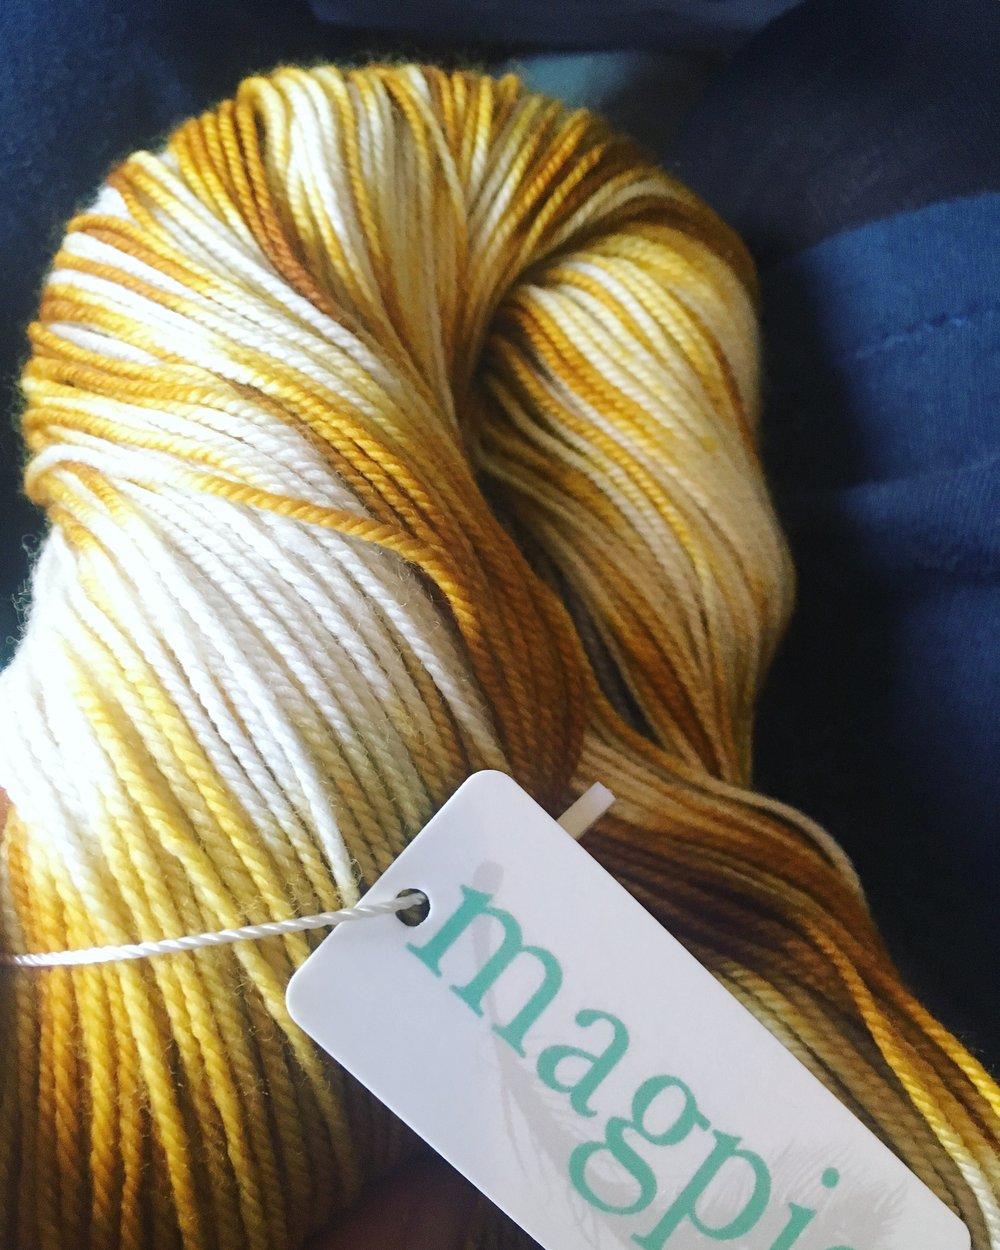 Magpie_Swanky-sock_1.jpg